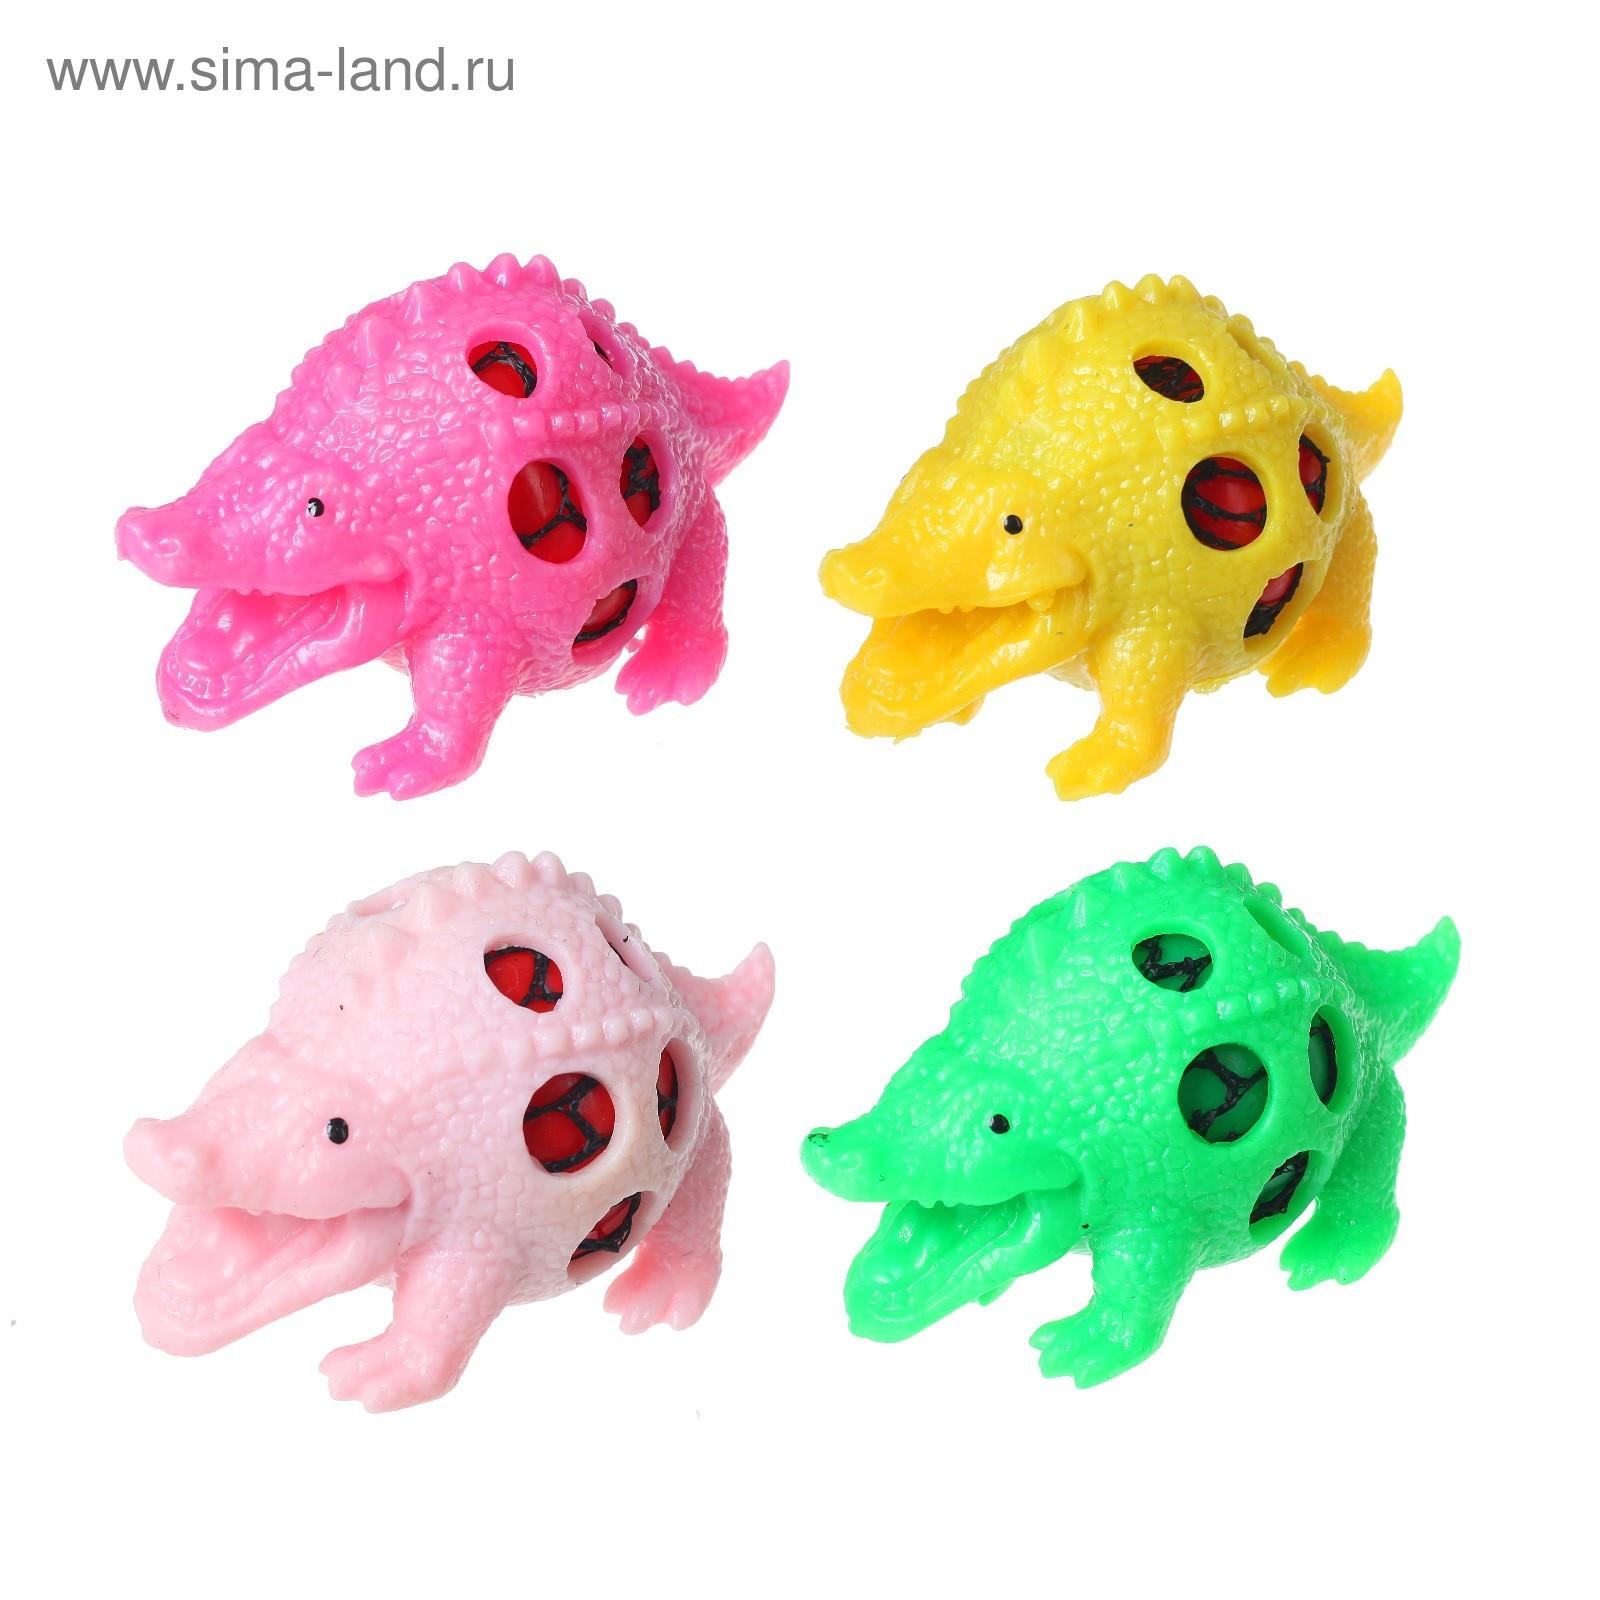 Мялка Динозавр микс